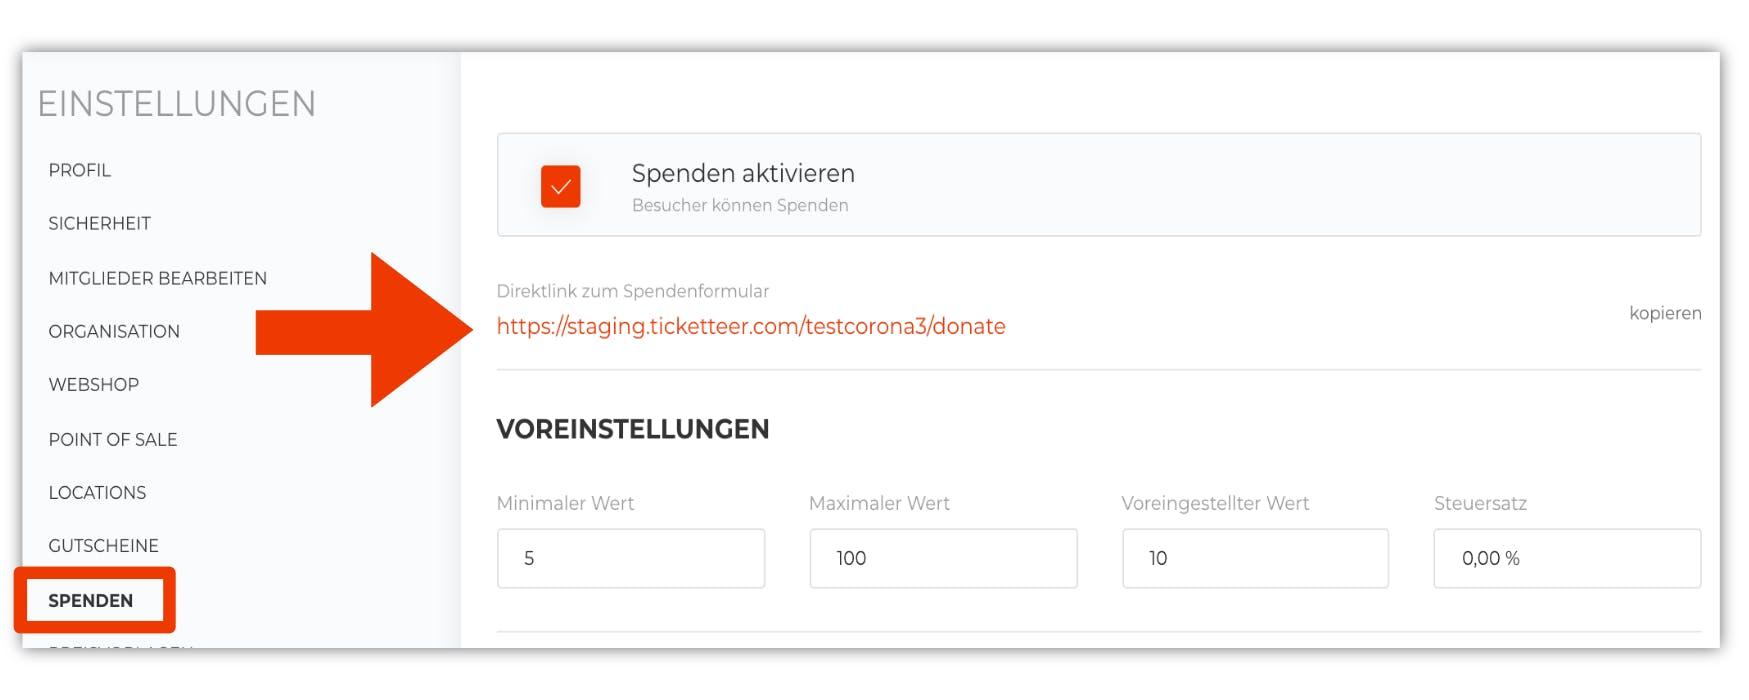 Bild Link für Besucherspendenformular